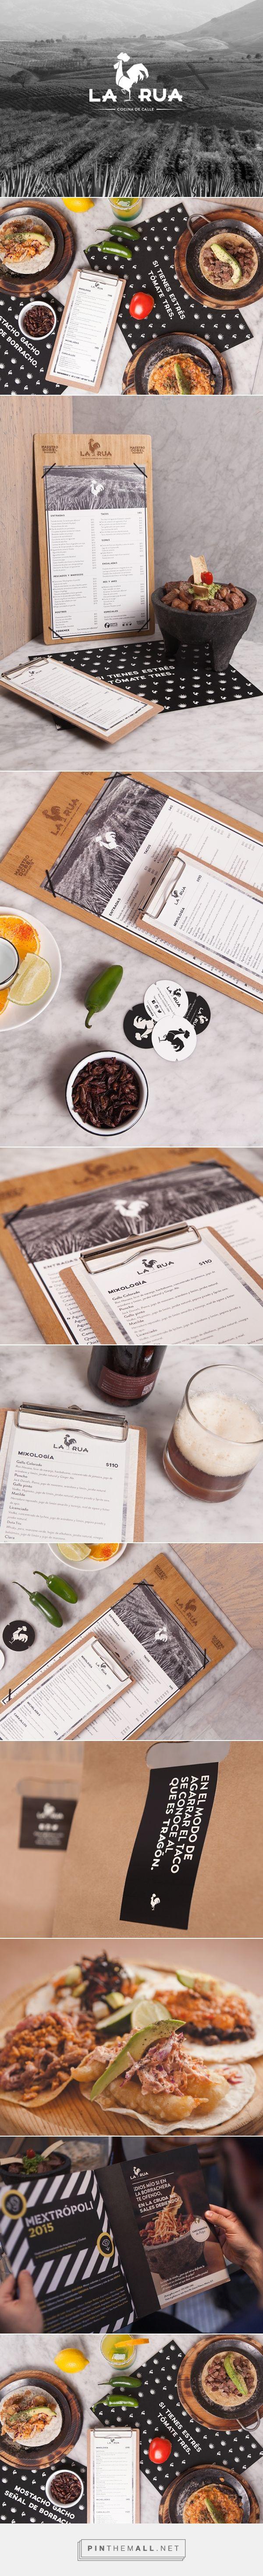 La Rua Restaurante y Bar Branding y Diseño de menú por El Pueblo de marca |  Agencia de Branding Fivestar - Diseño y la Agencia de Branding & Inspiration Gallery Curada